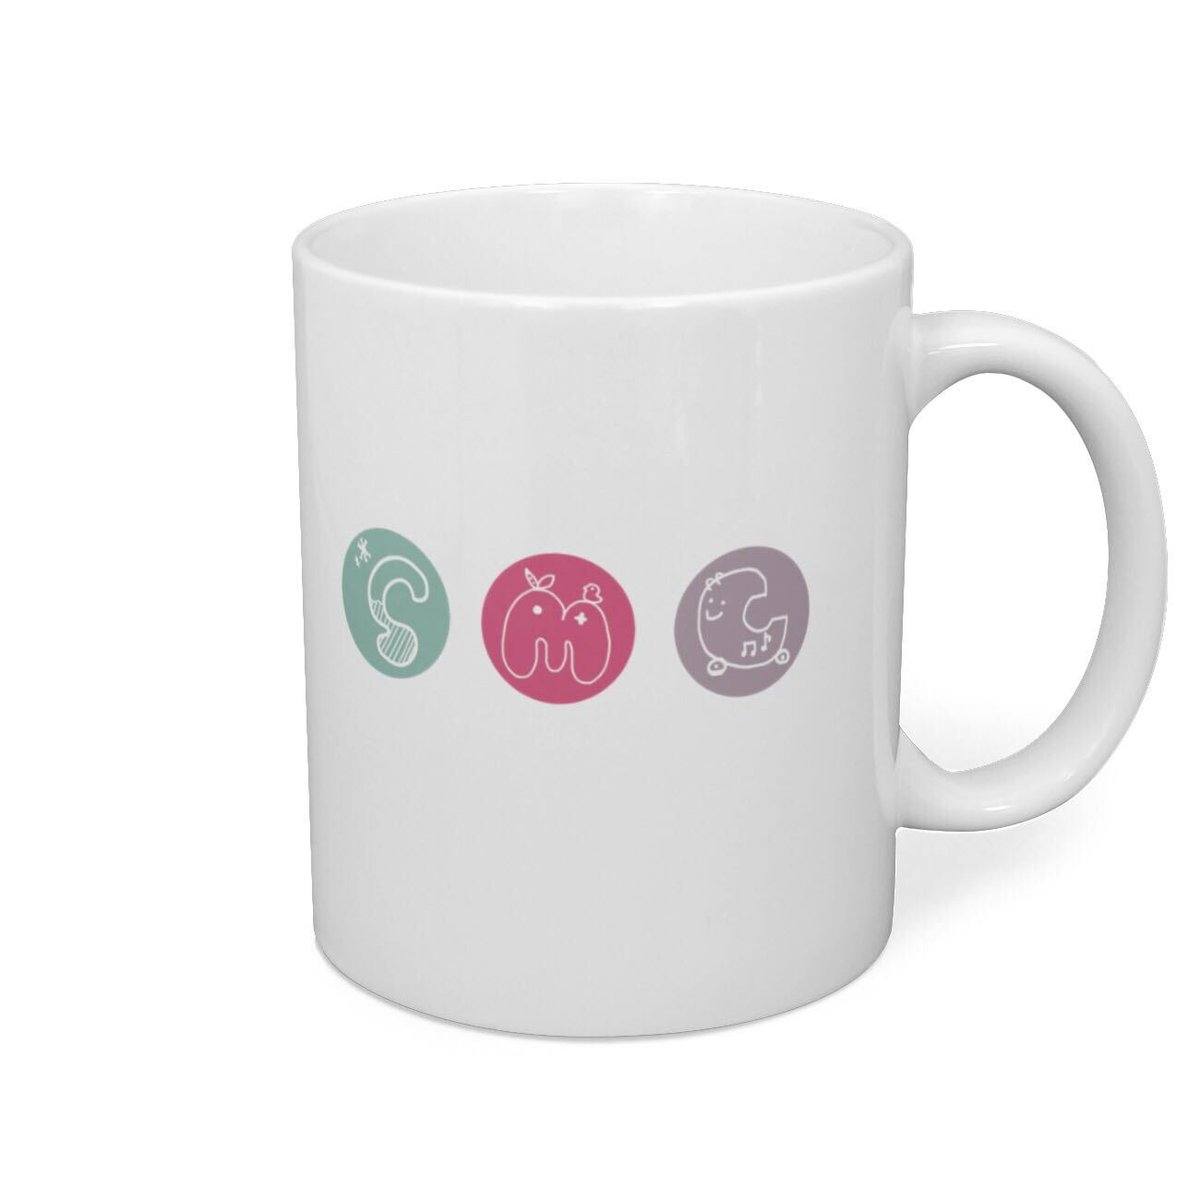 ……と、いう事でBOOTH様よりSMCのオリジナルマグカップが発売されます